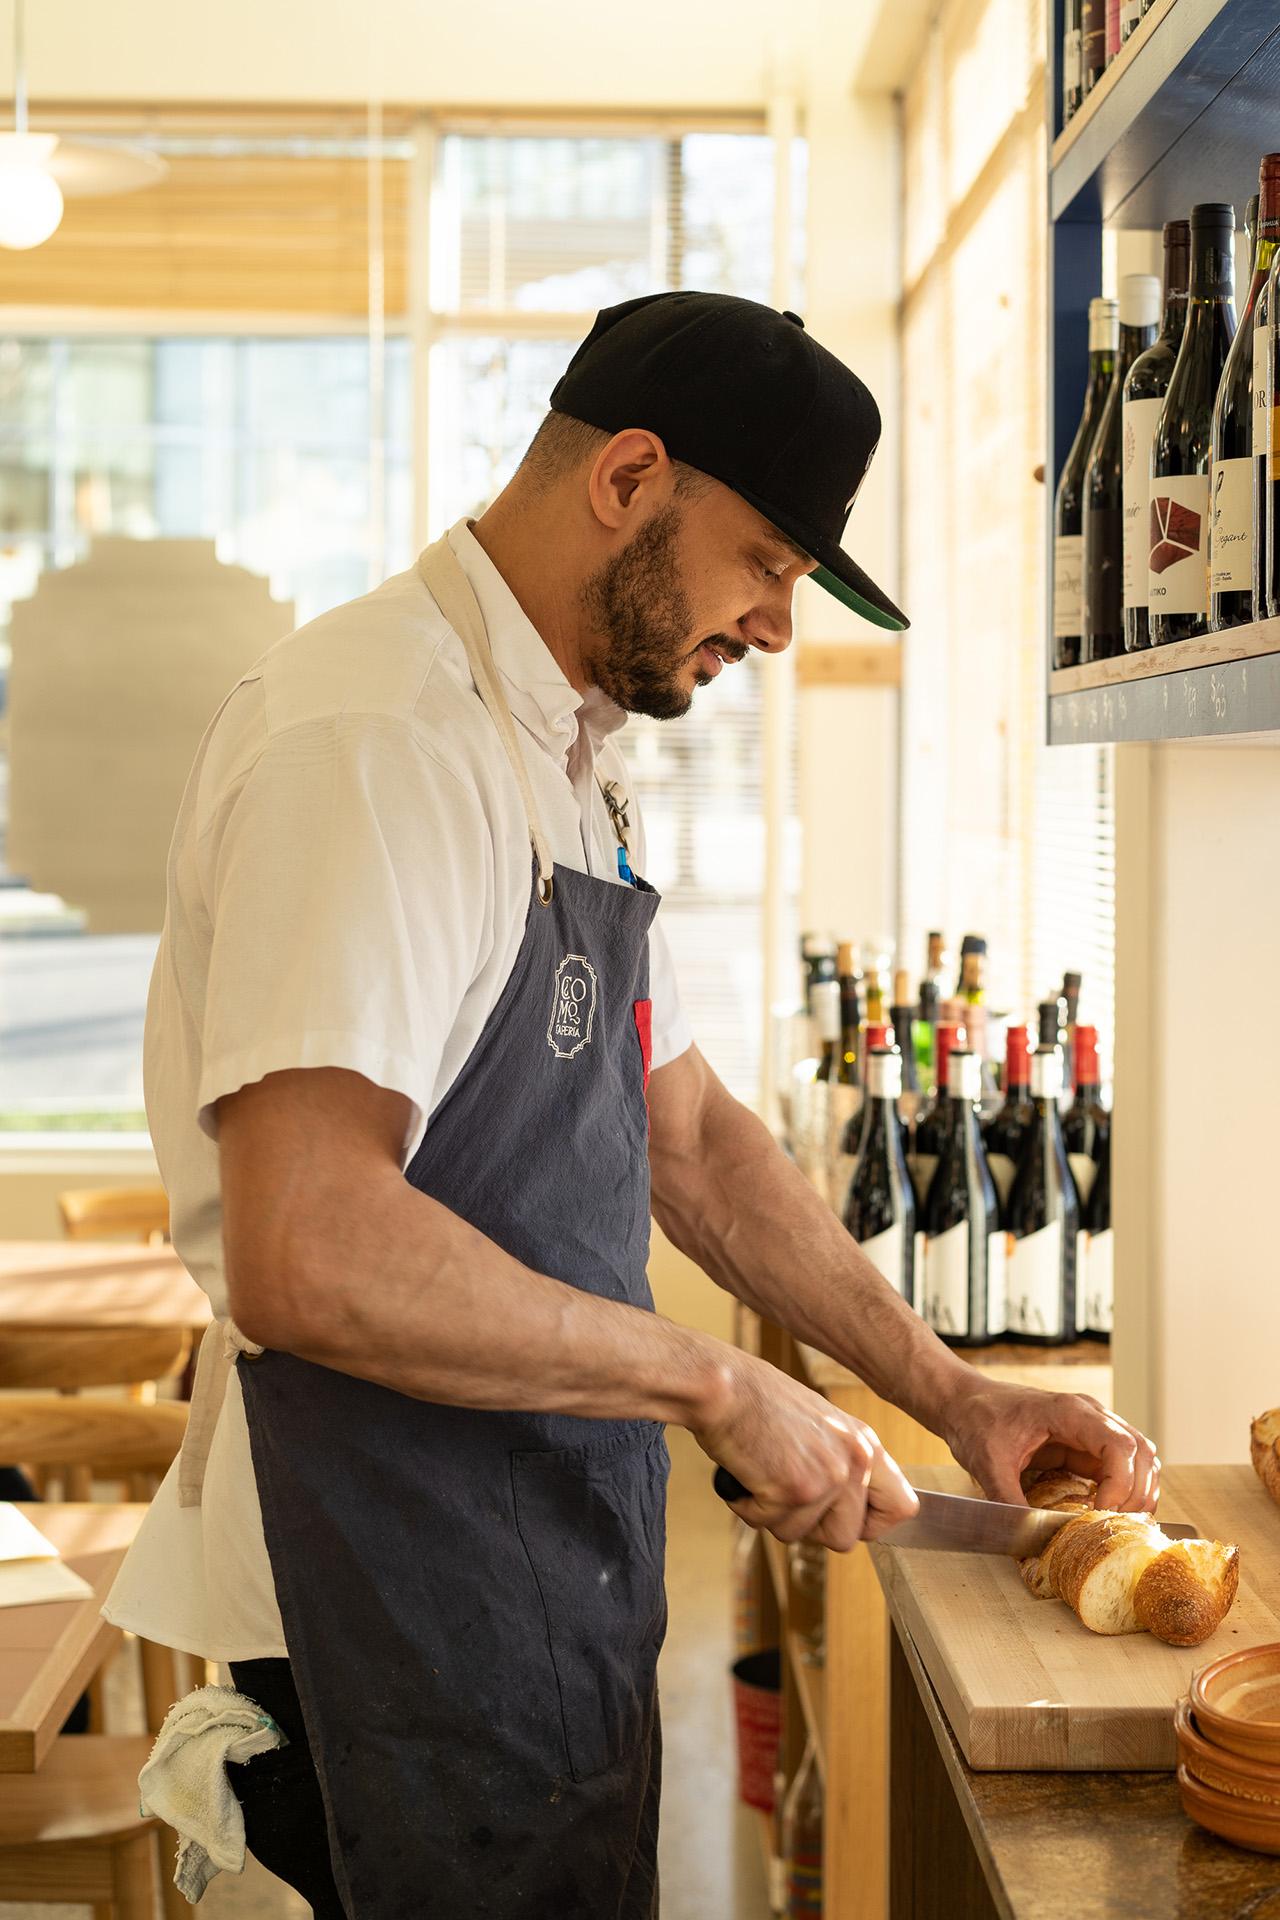 Preparing freshly baked bread for dinner service.